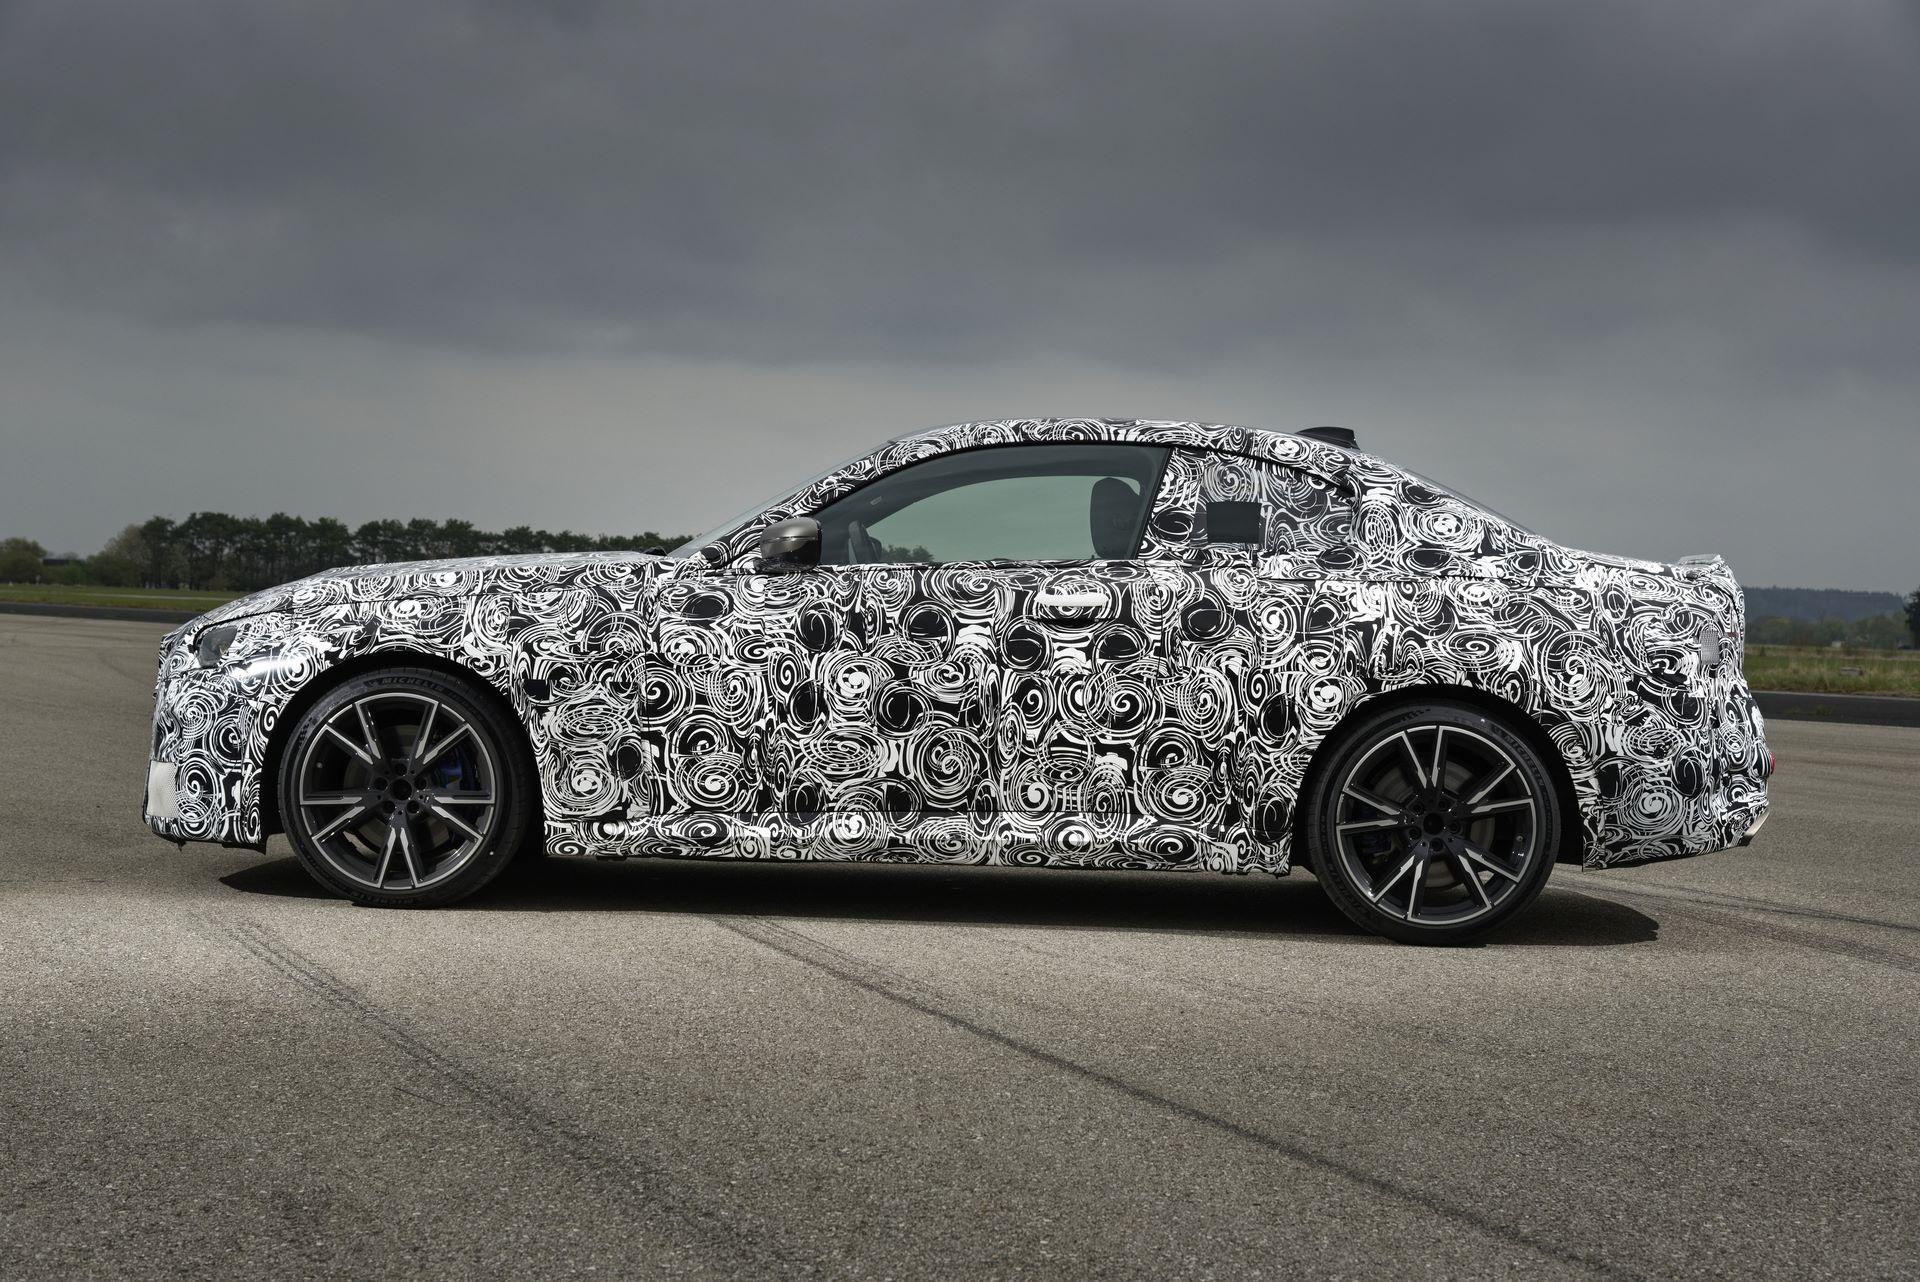 BMW-2-Series-M240i-spy-photos-104